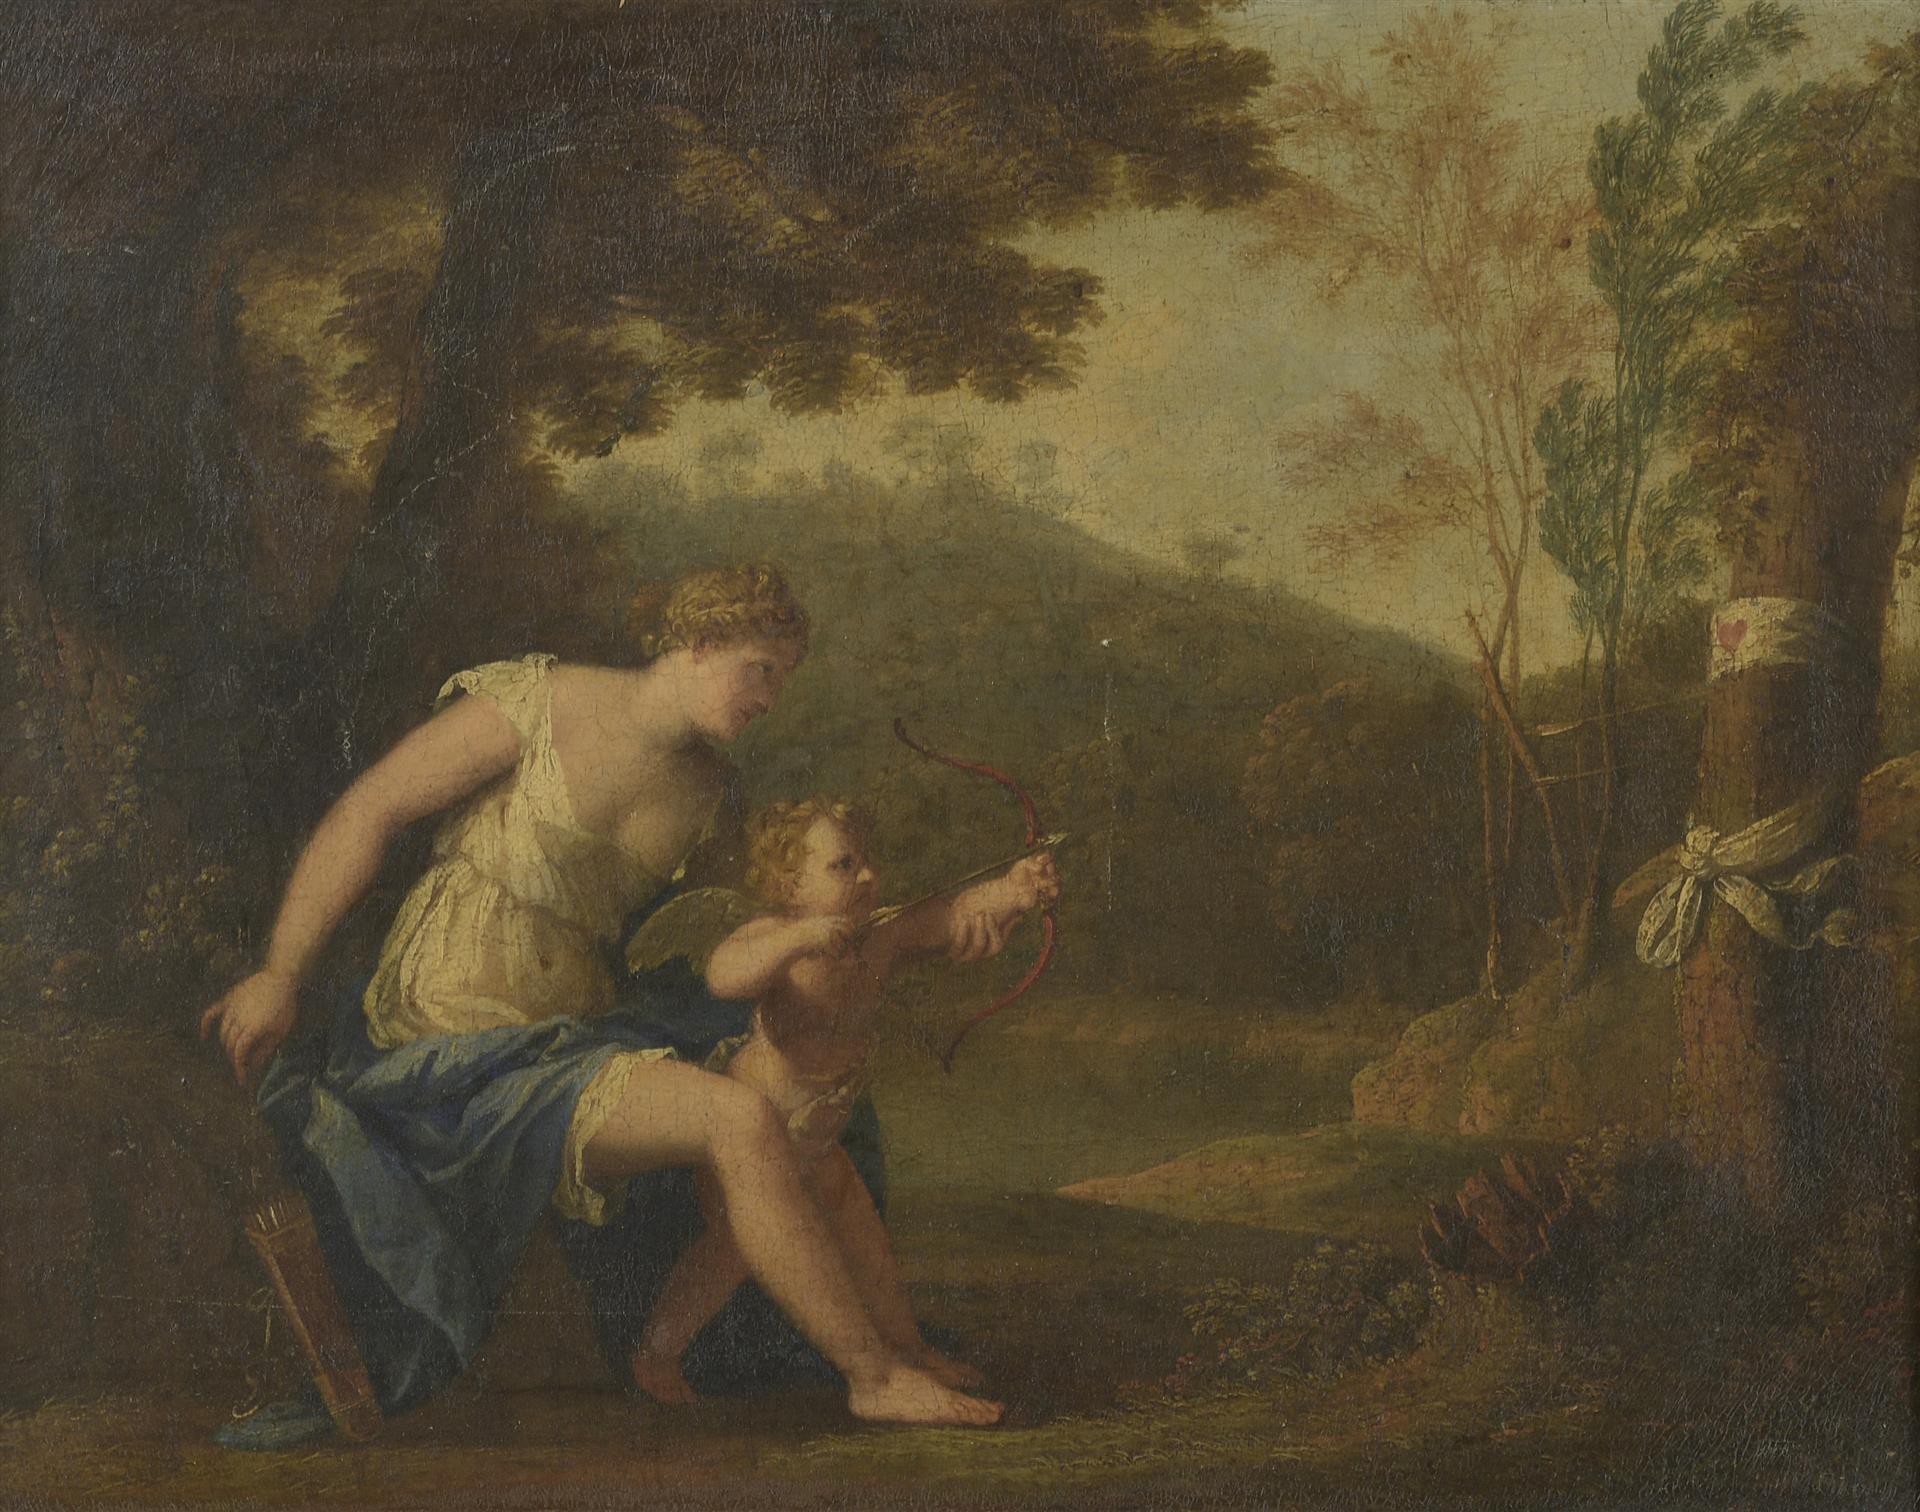 Lot 55 - École française XVIIIe siècle. Vénus éduquant Amour. Huile sur toile. - 37.5 x [...]